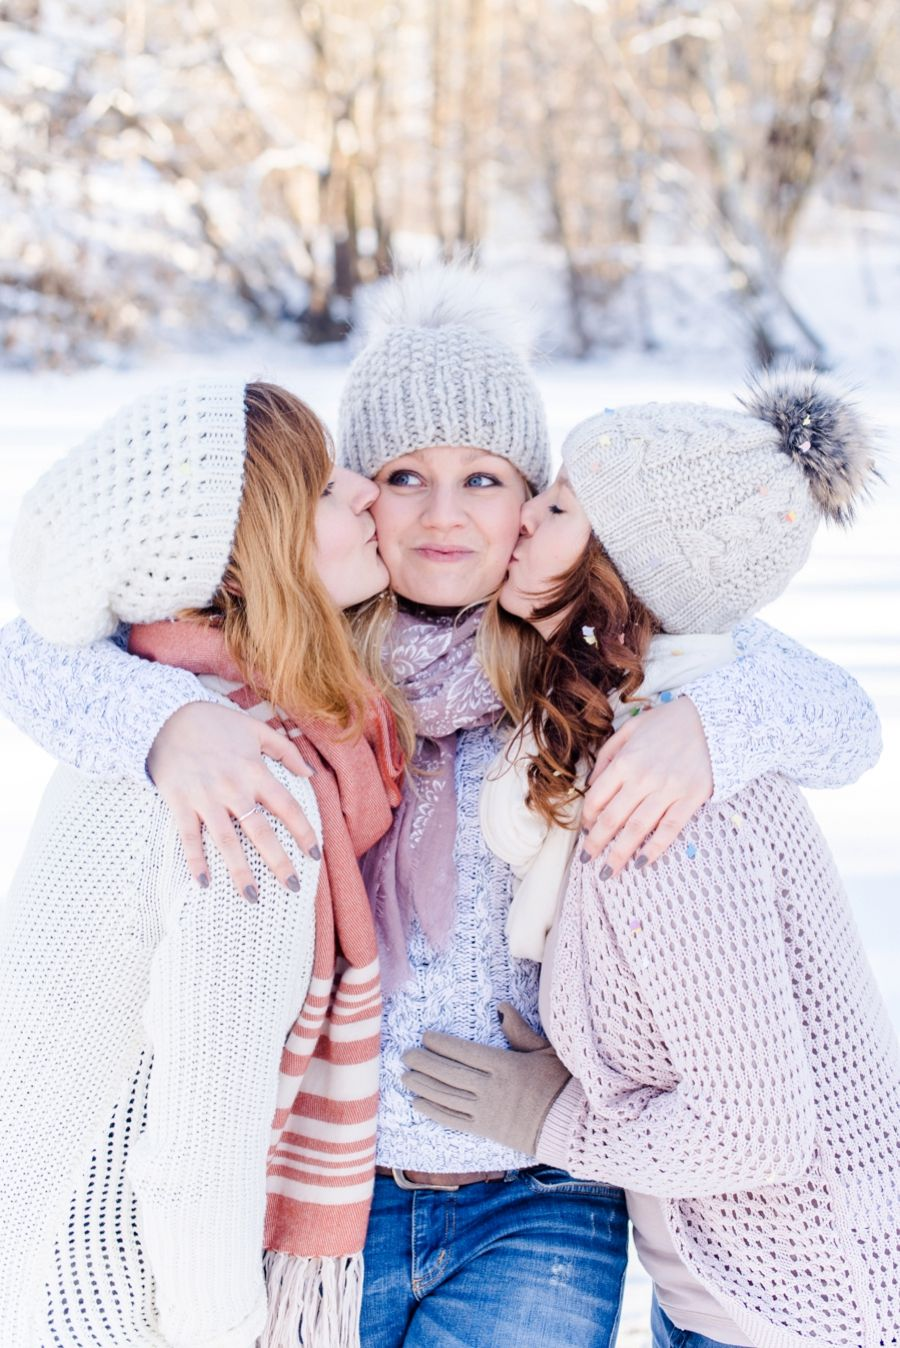 hochzeitsfotograf_thomasschwede_paarfotos in chemnitz und zwickau-hochzeitsfotos in chemnitz und zwickau_0171 #winterfamilyphotography